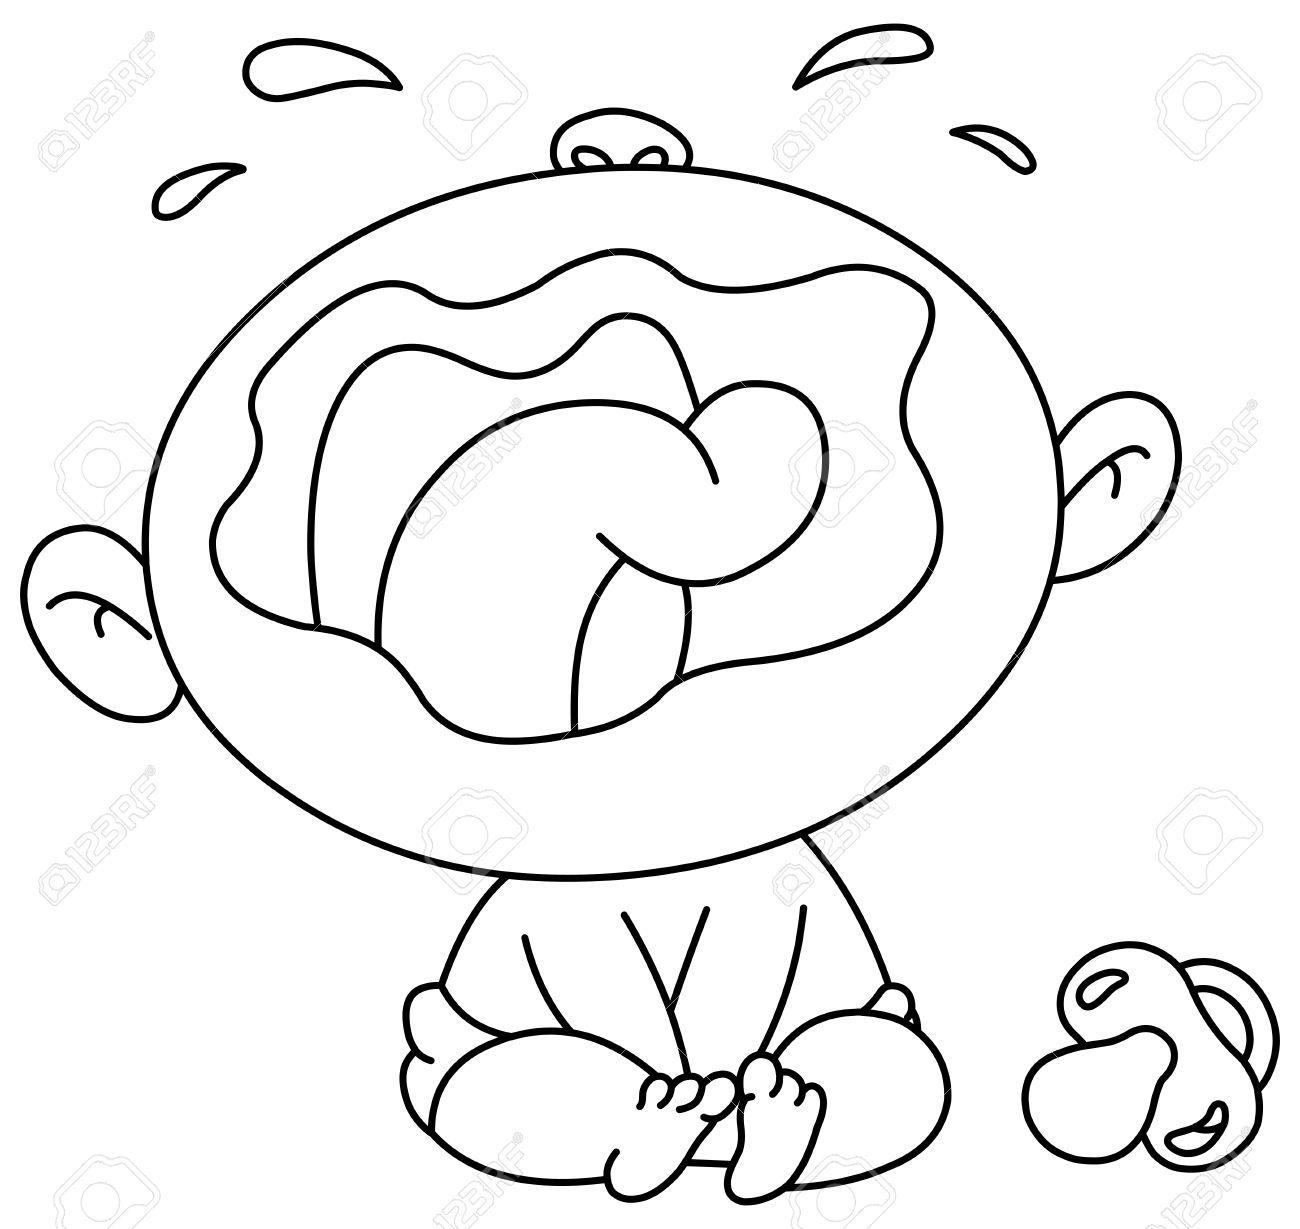 Coloriage Bebe Qui Pleure.Decrites Bebe Qui Pleure Vector Illustration De Coloriage Page